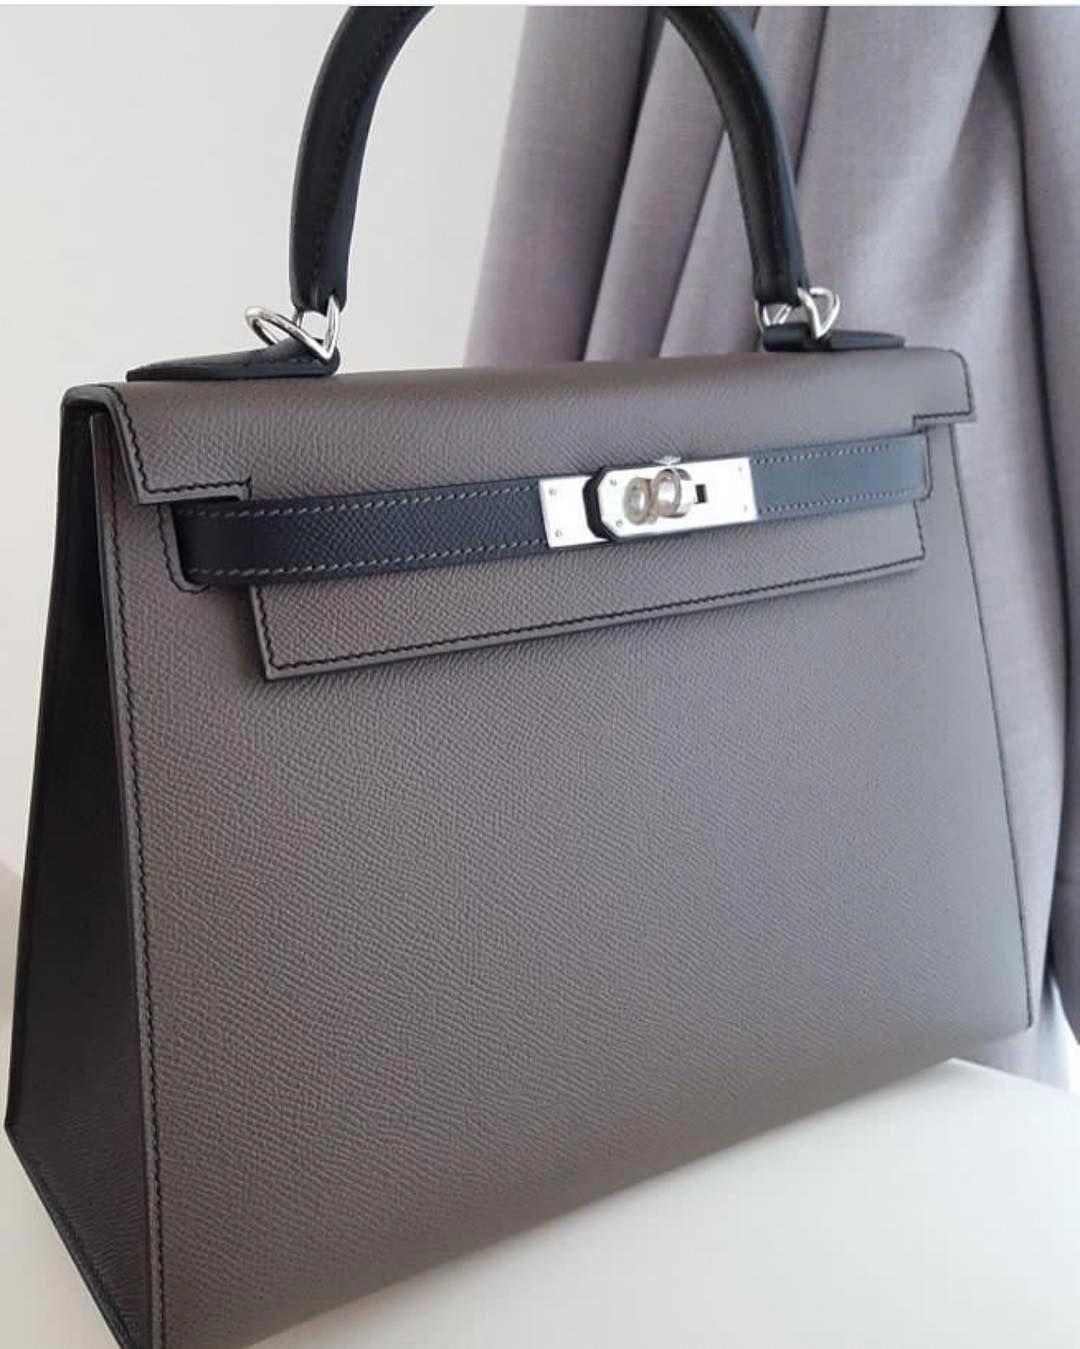 Hermes Kelly 28 Sellier HSS Etain   Black Epsom Phw A  Hermeshandbags 4dfcd05d4f